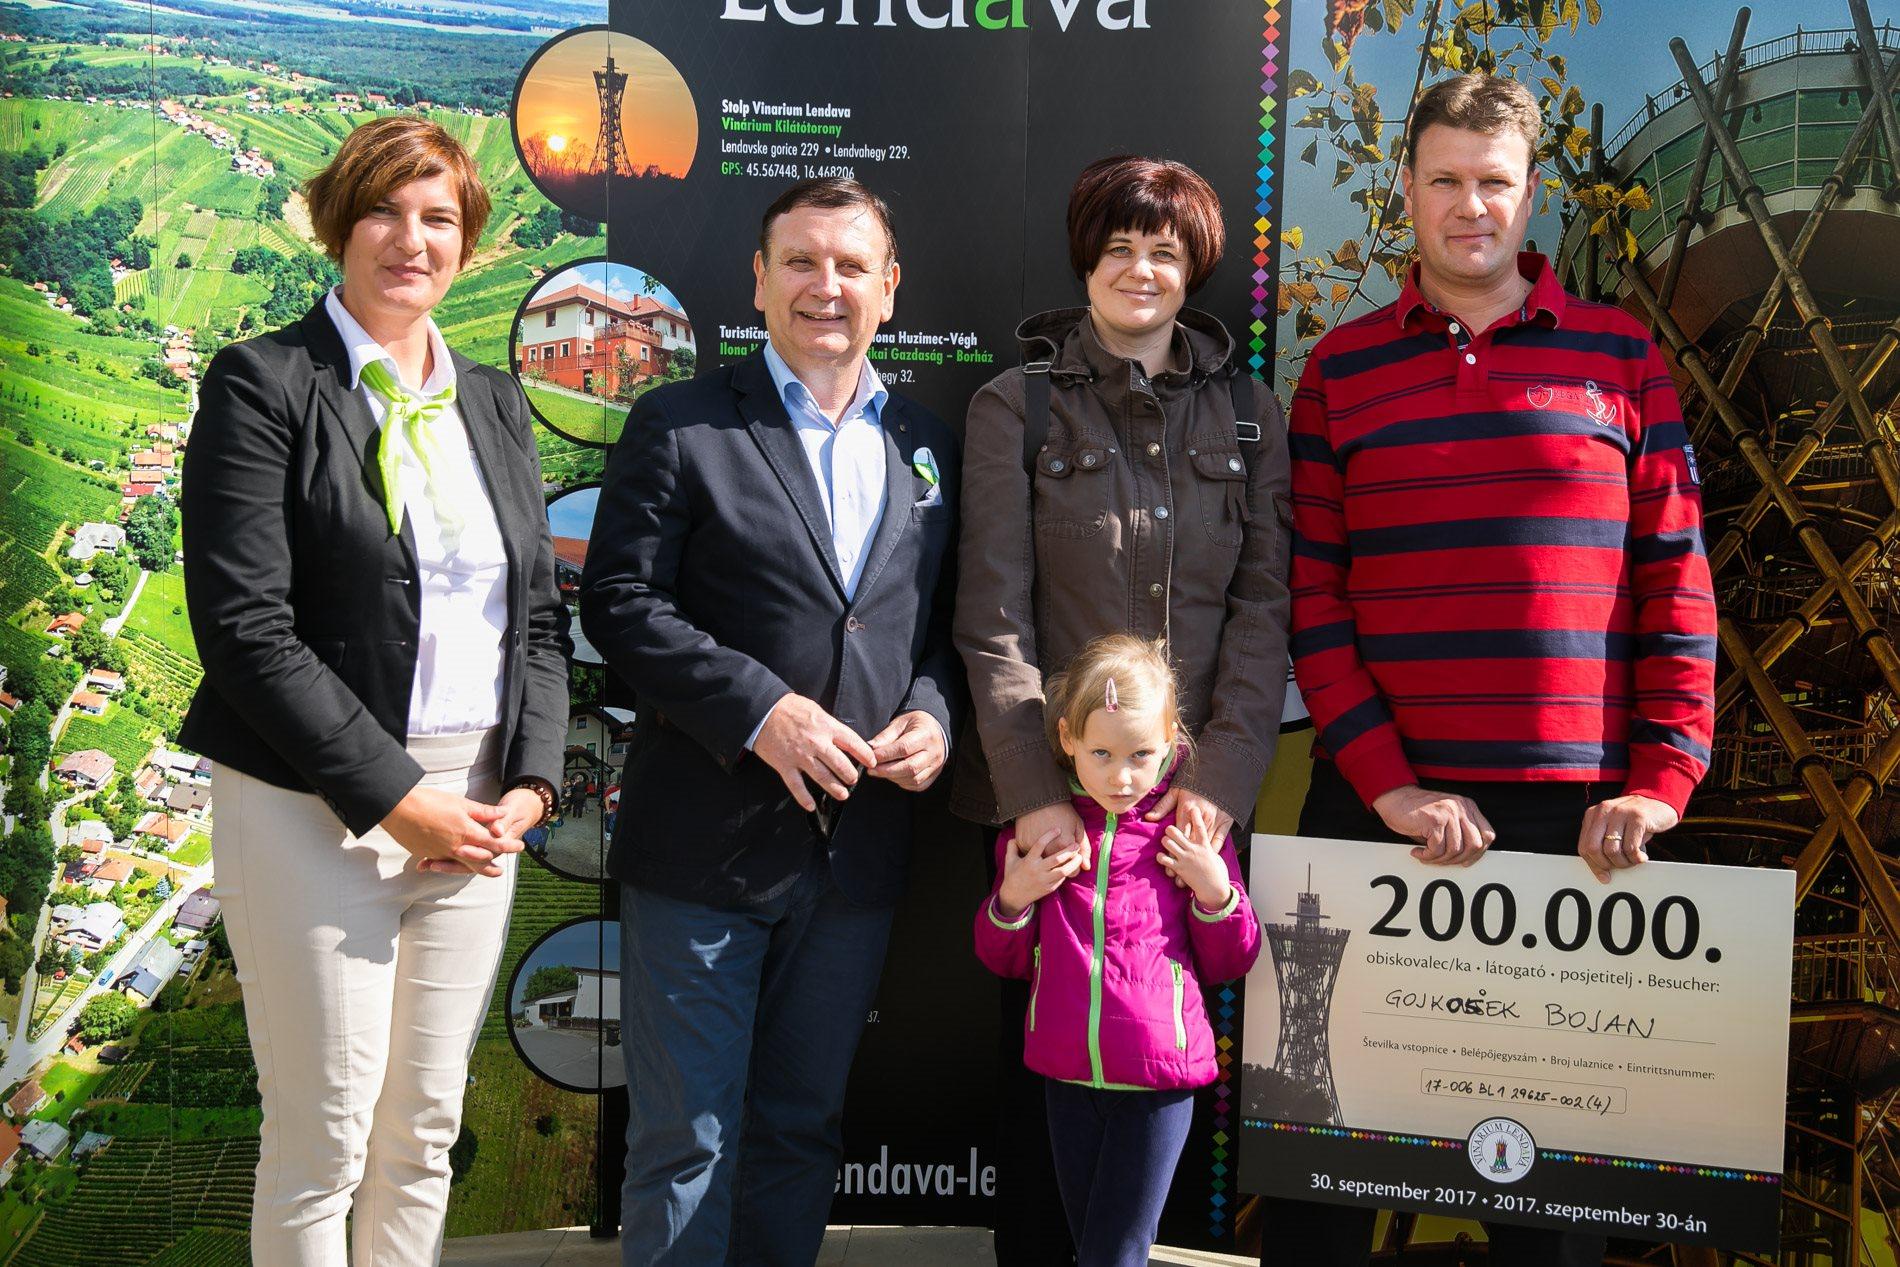 200.000 obiskovalec stolpa je Bojan Gojkošek iz Maribora, ki je stolp obiskal z družino; foto: Mediaspeed